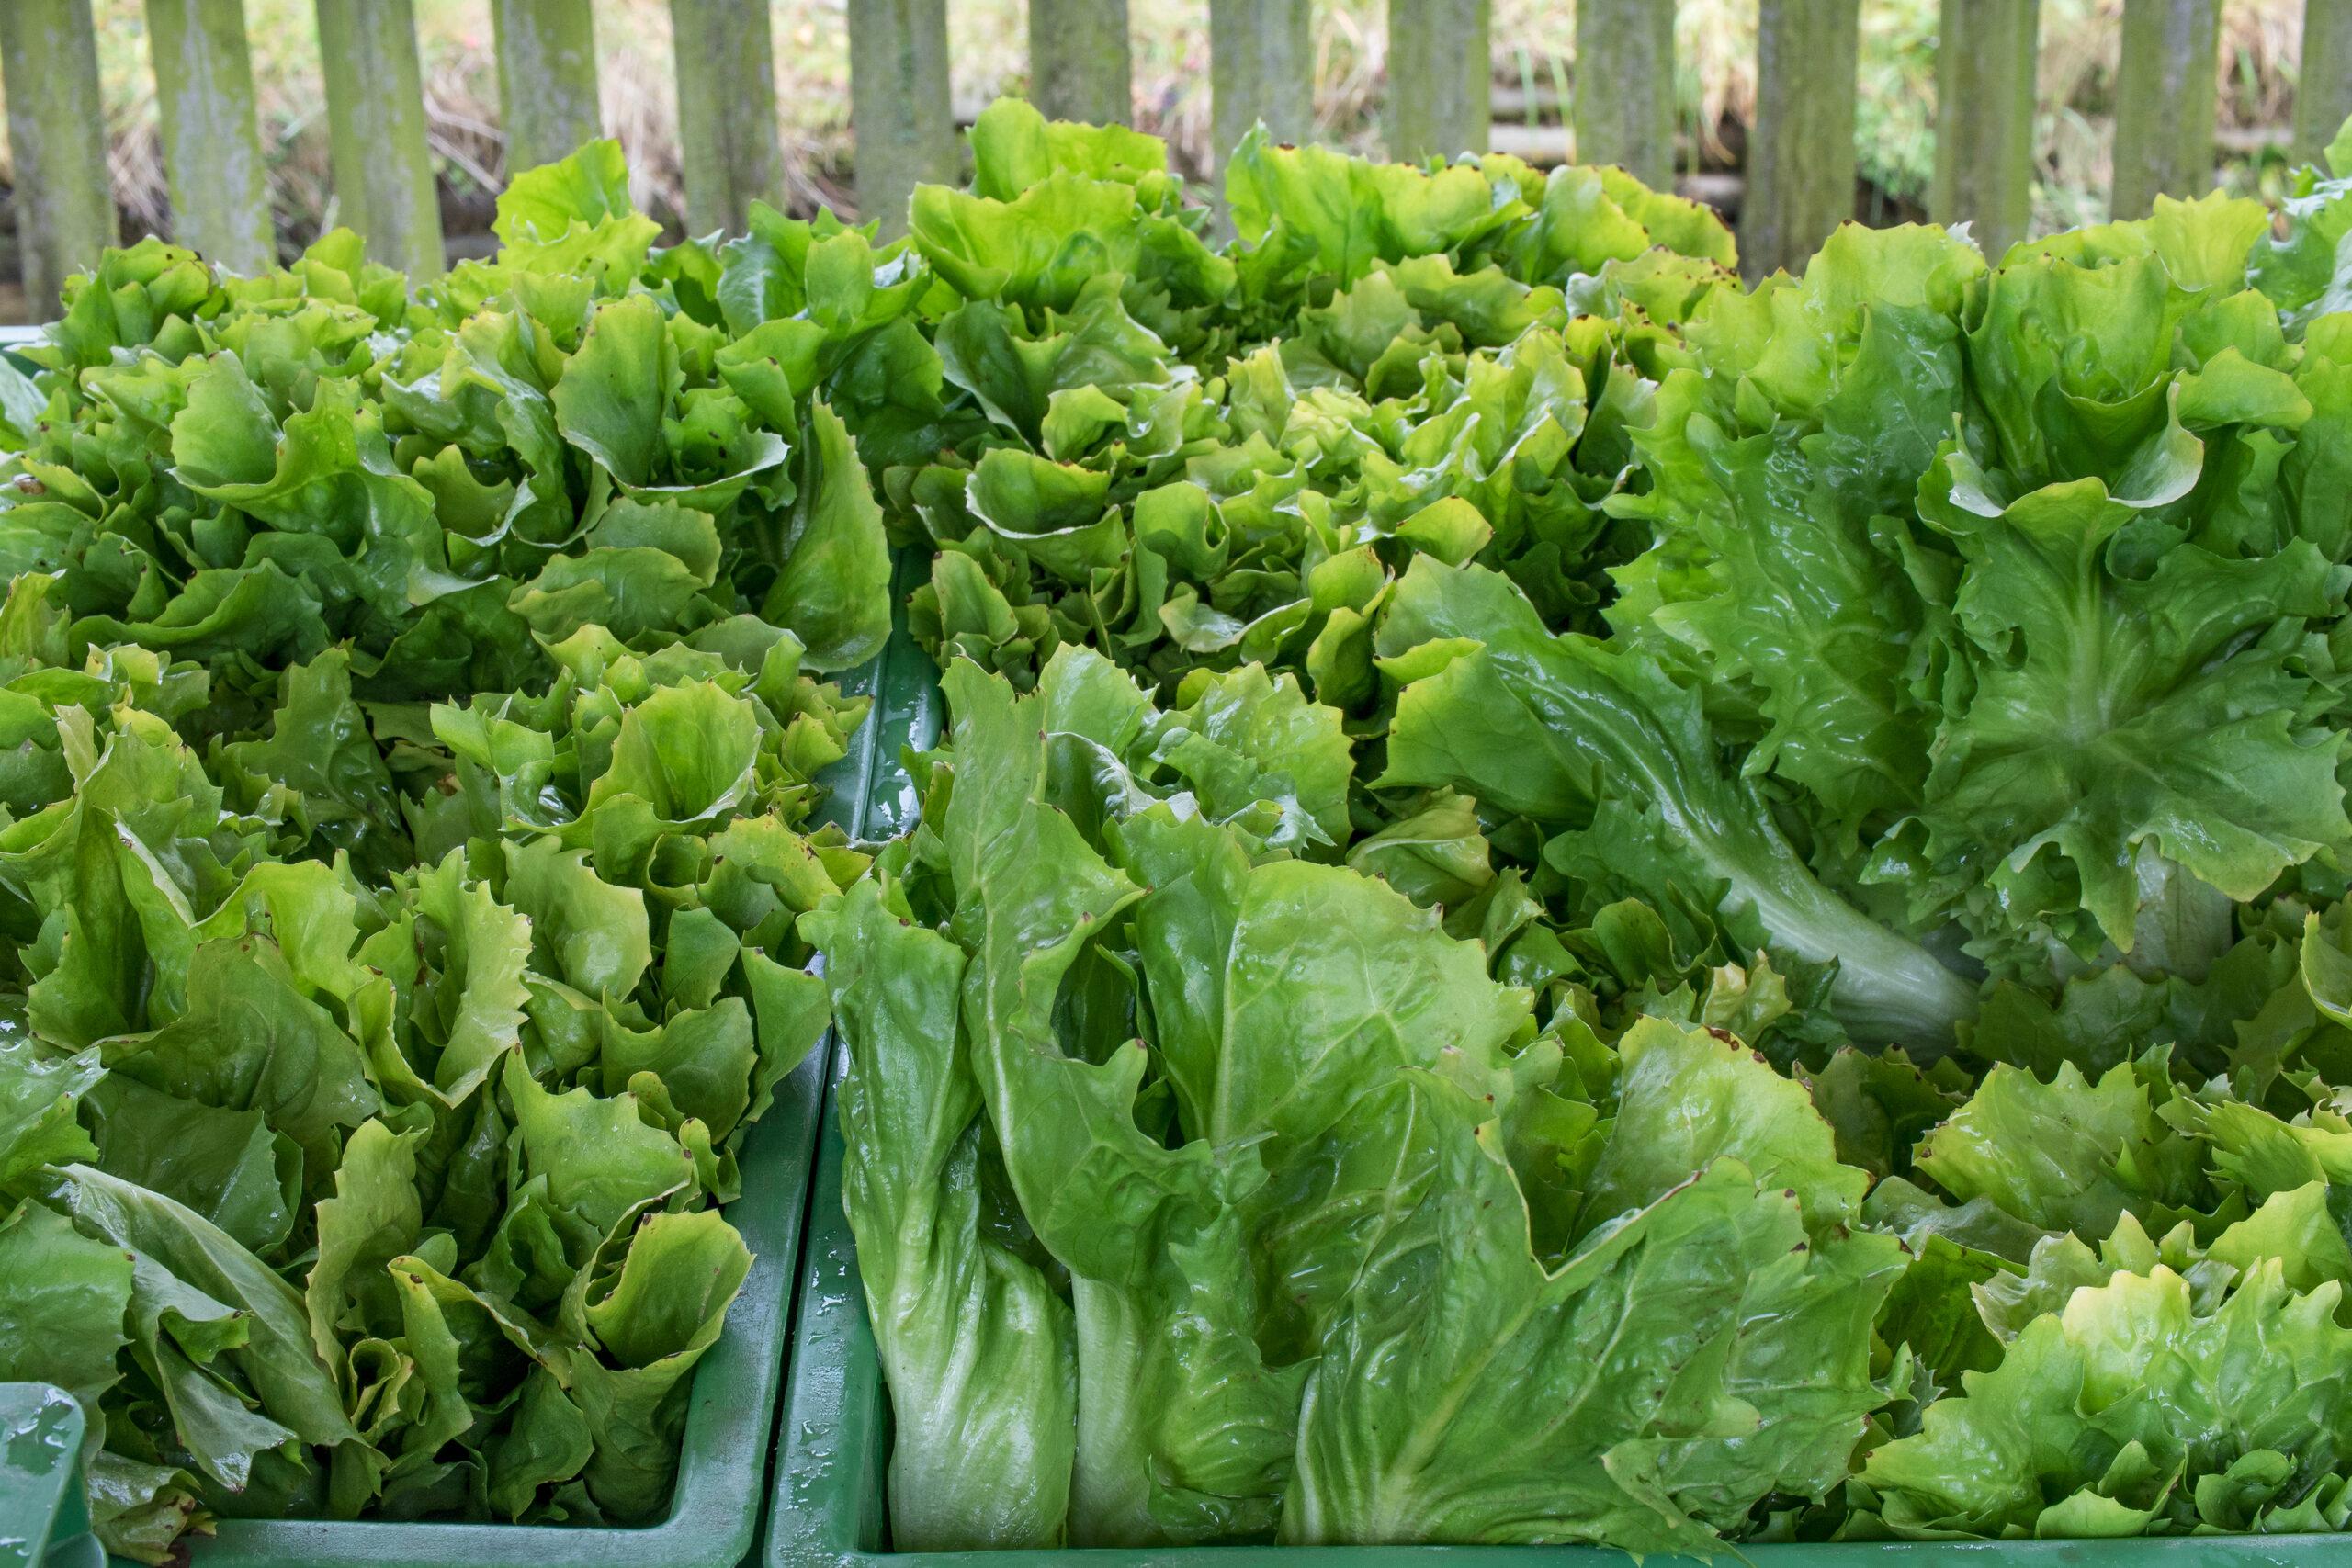 Bauernmarkt-Isen-Markttag-Salat